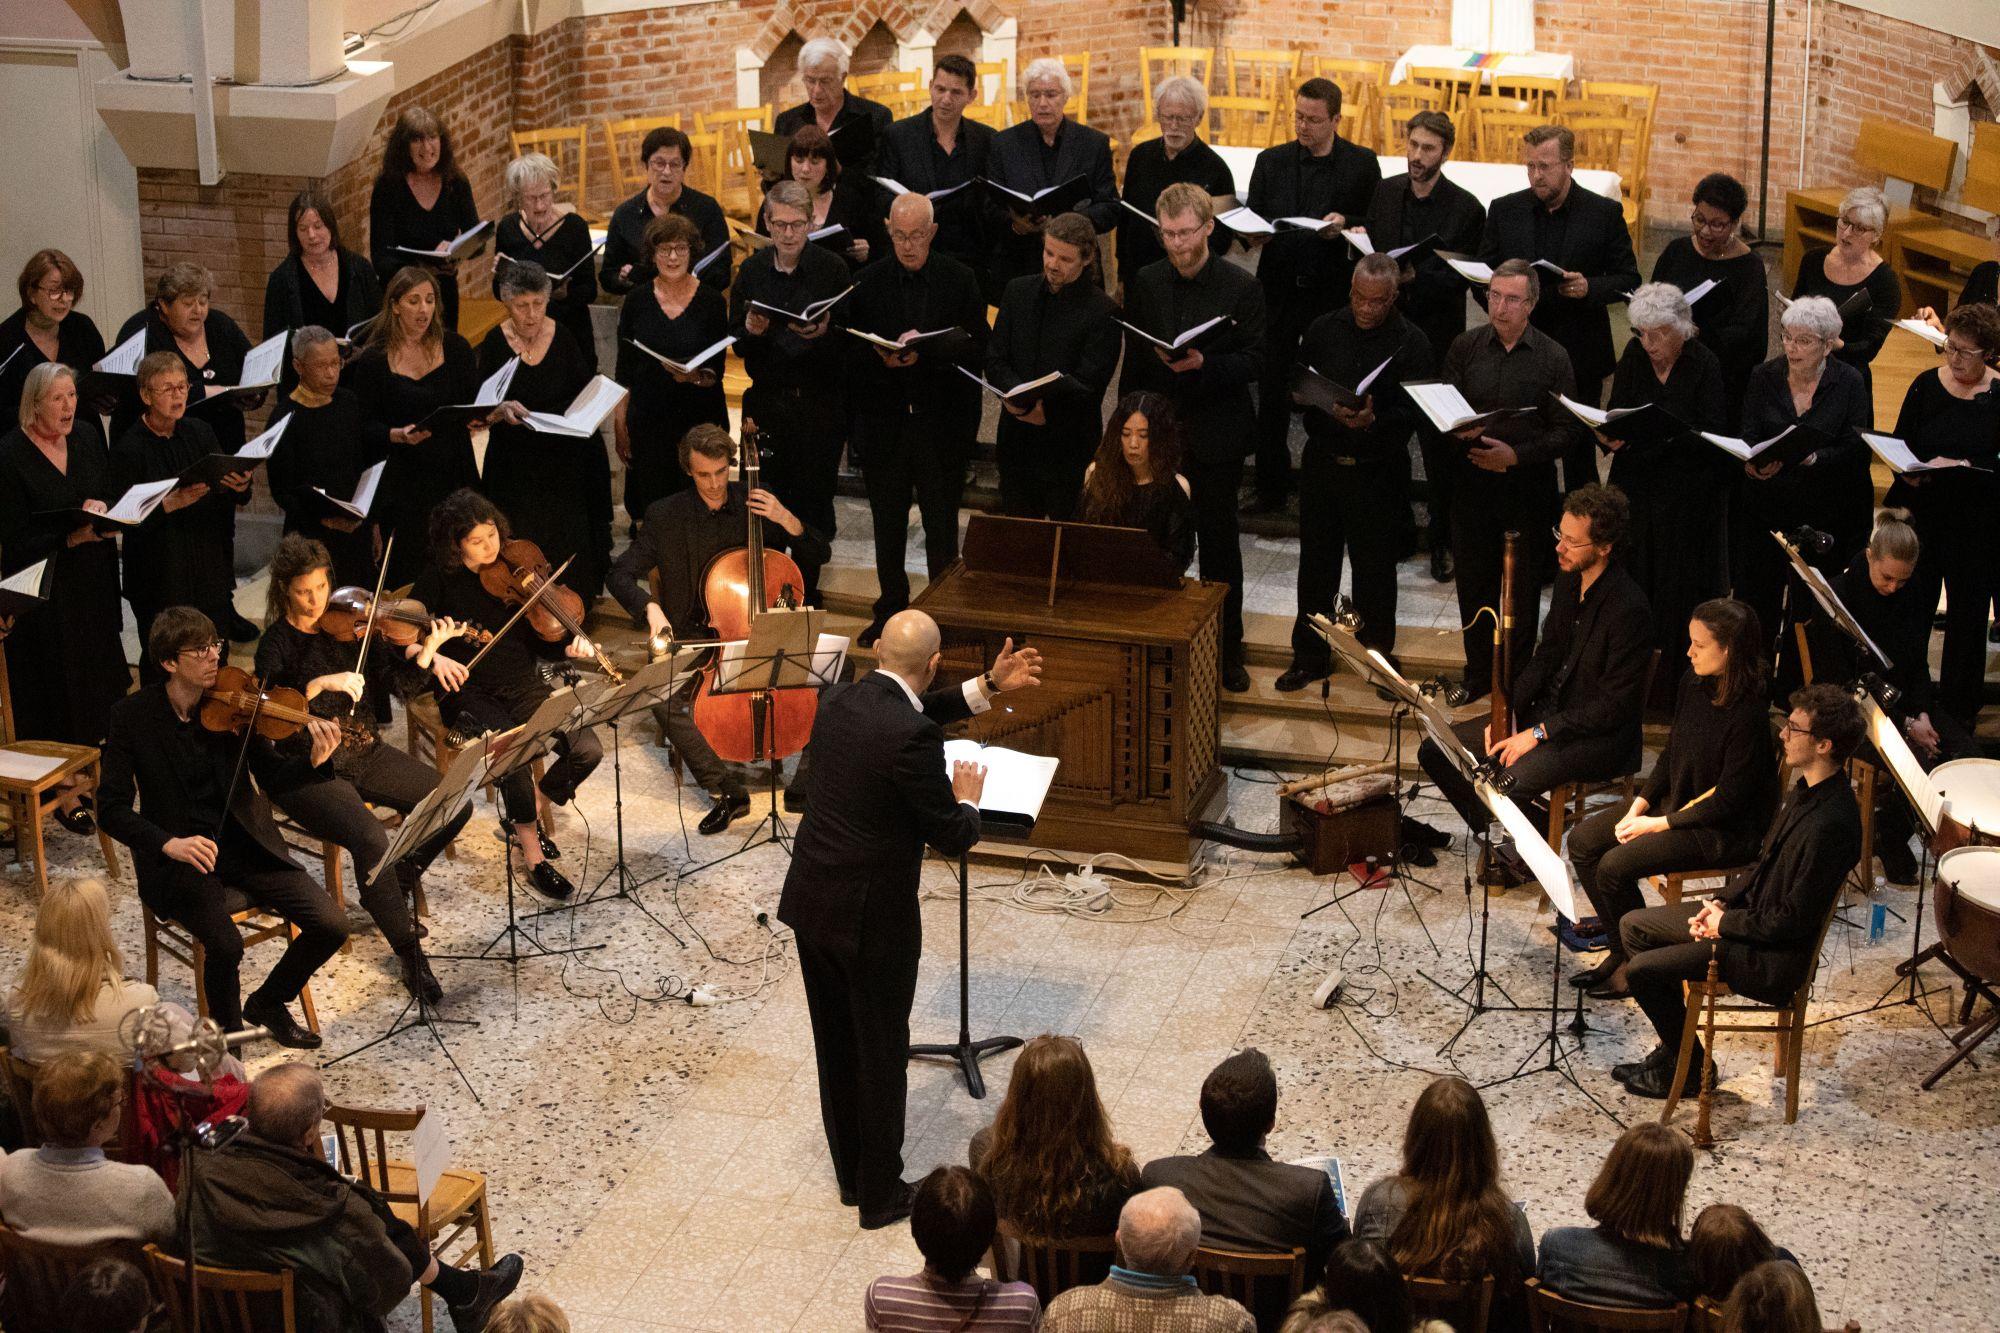 concertbrenabrunoy-45